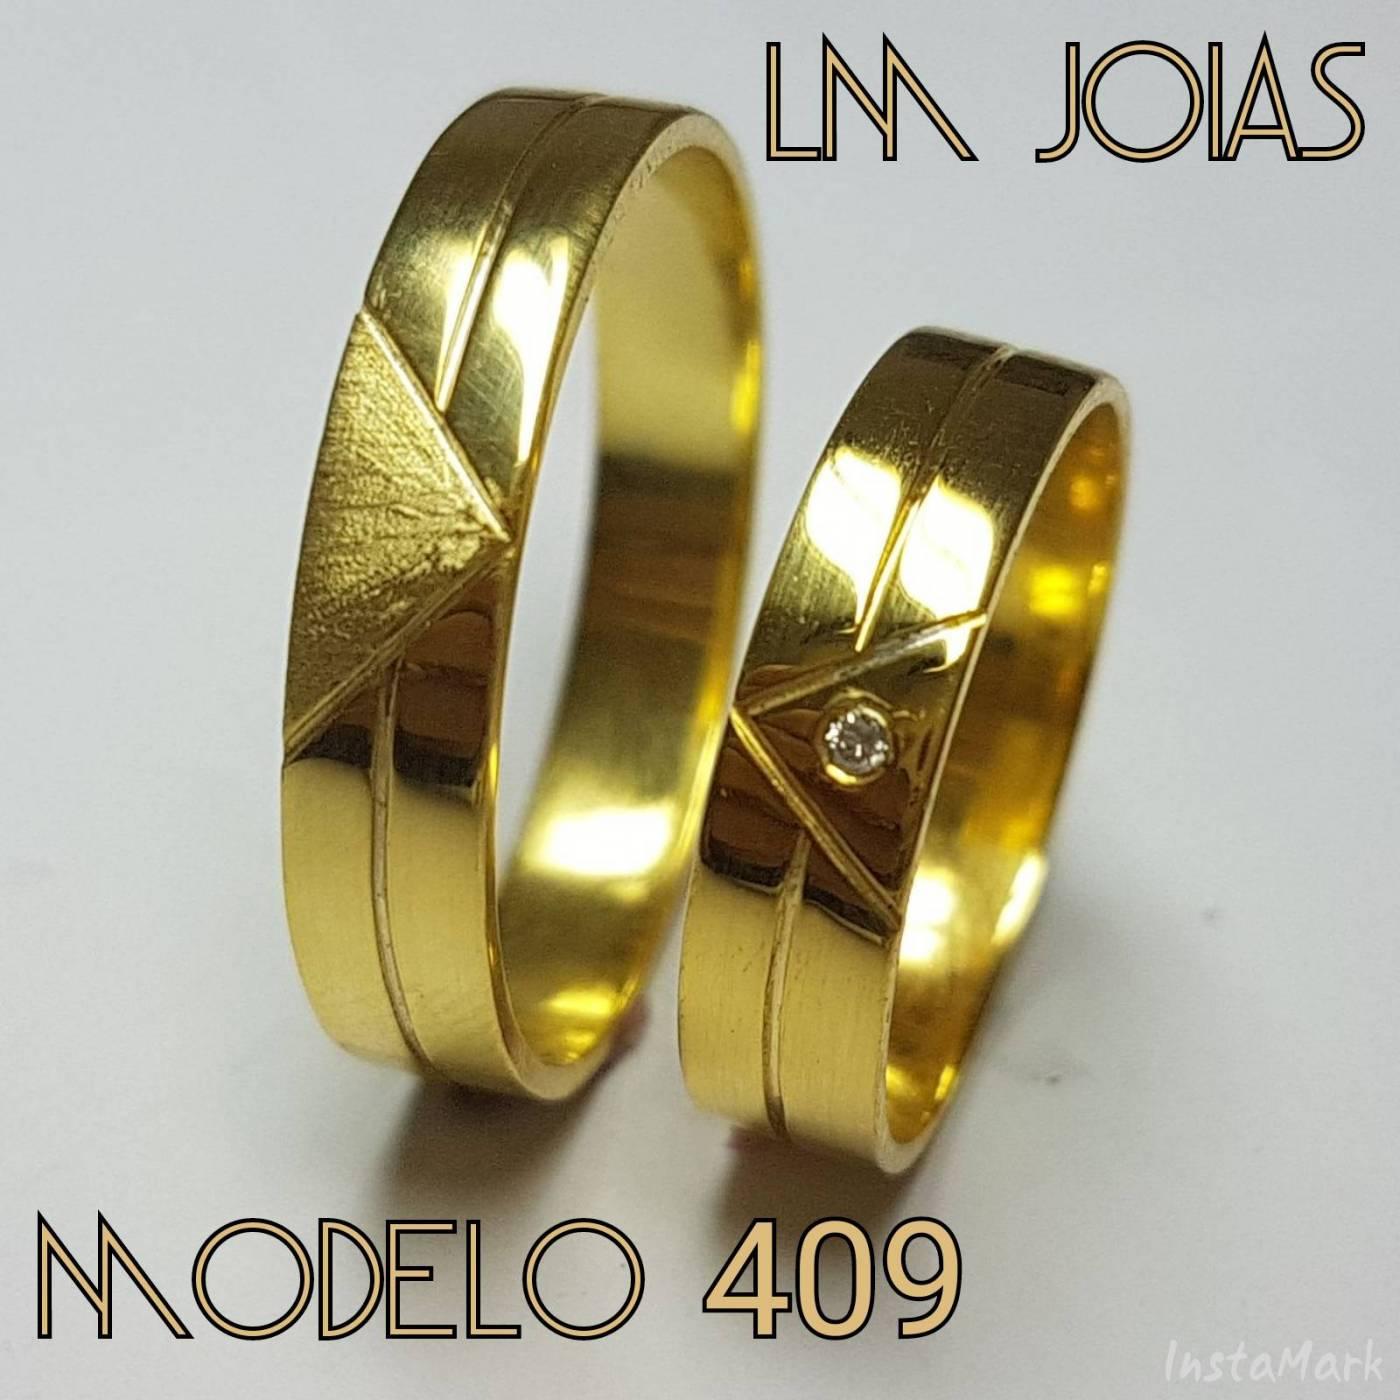 Modelo 409